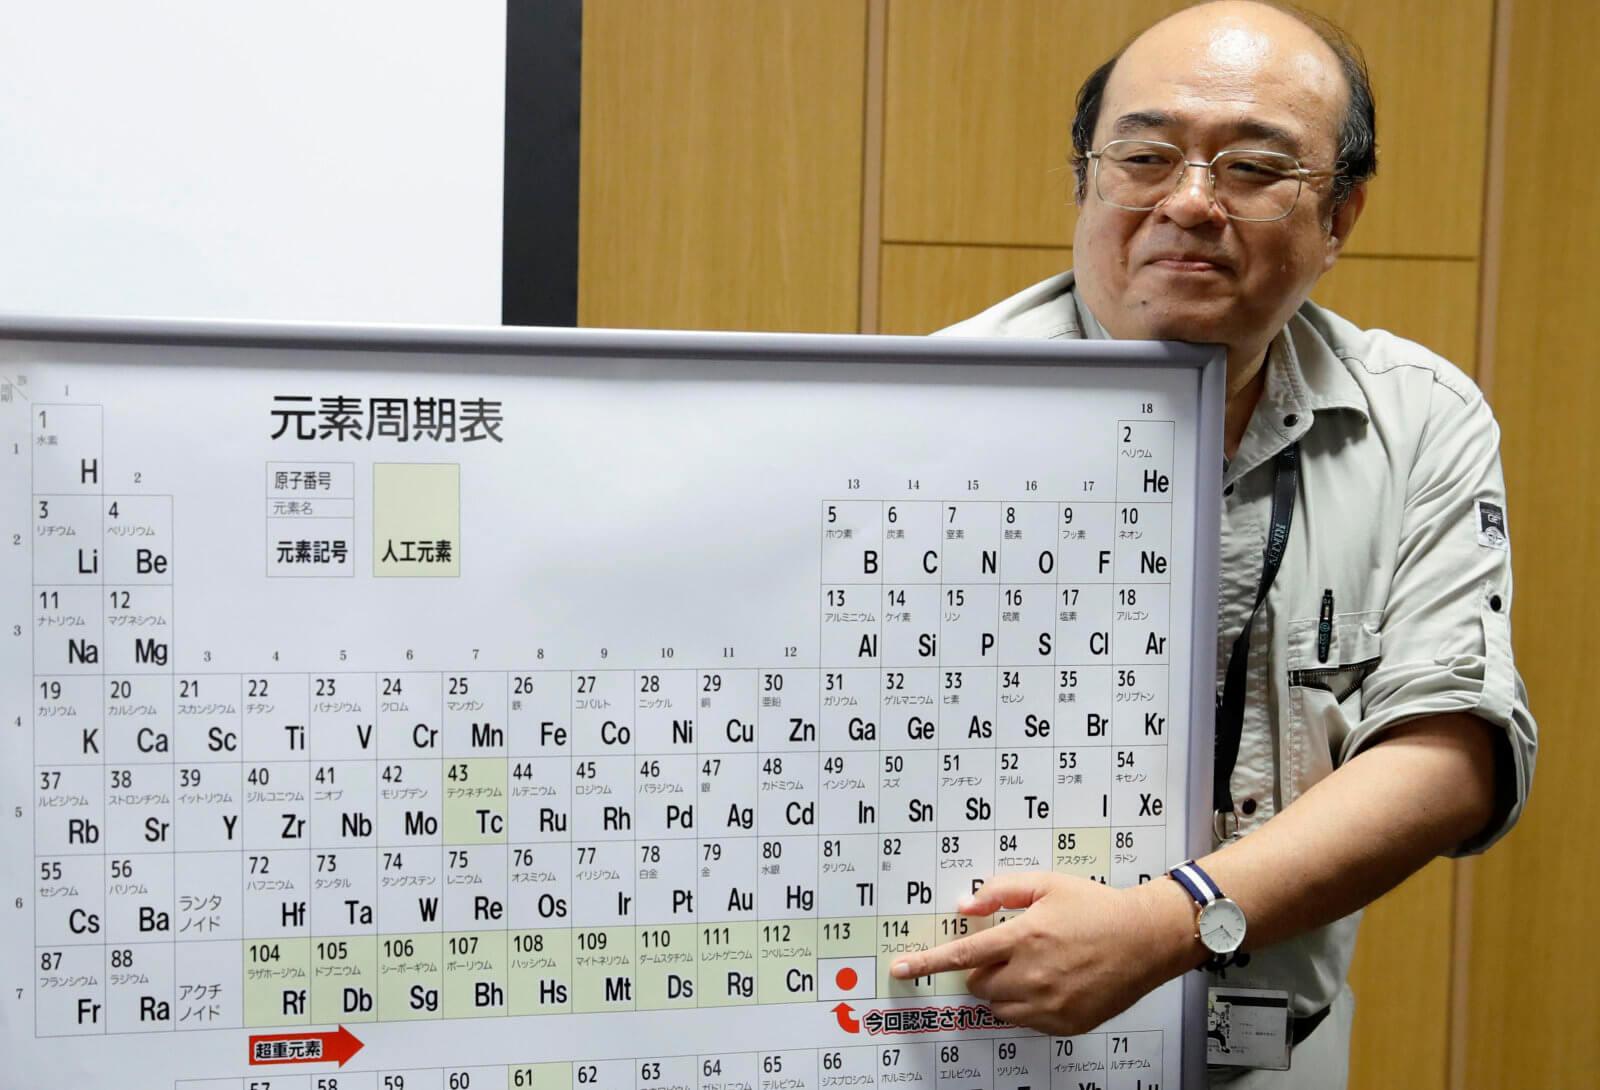 В периодическую систему Менделеева официально записали четыре новых элемента